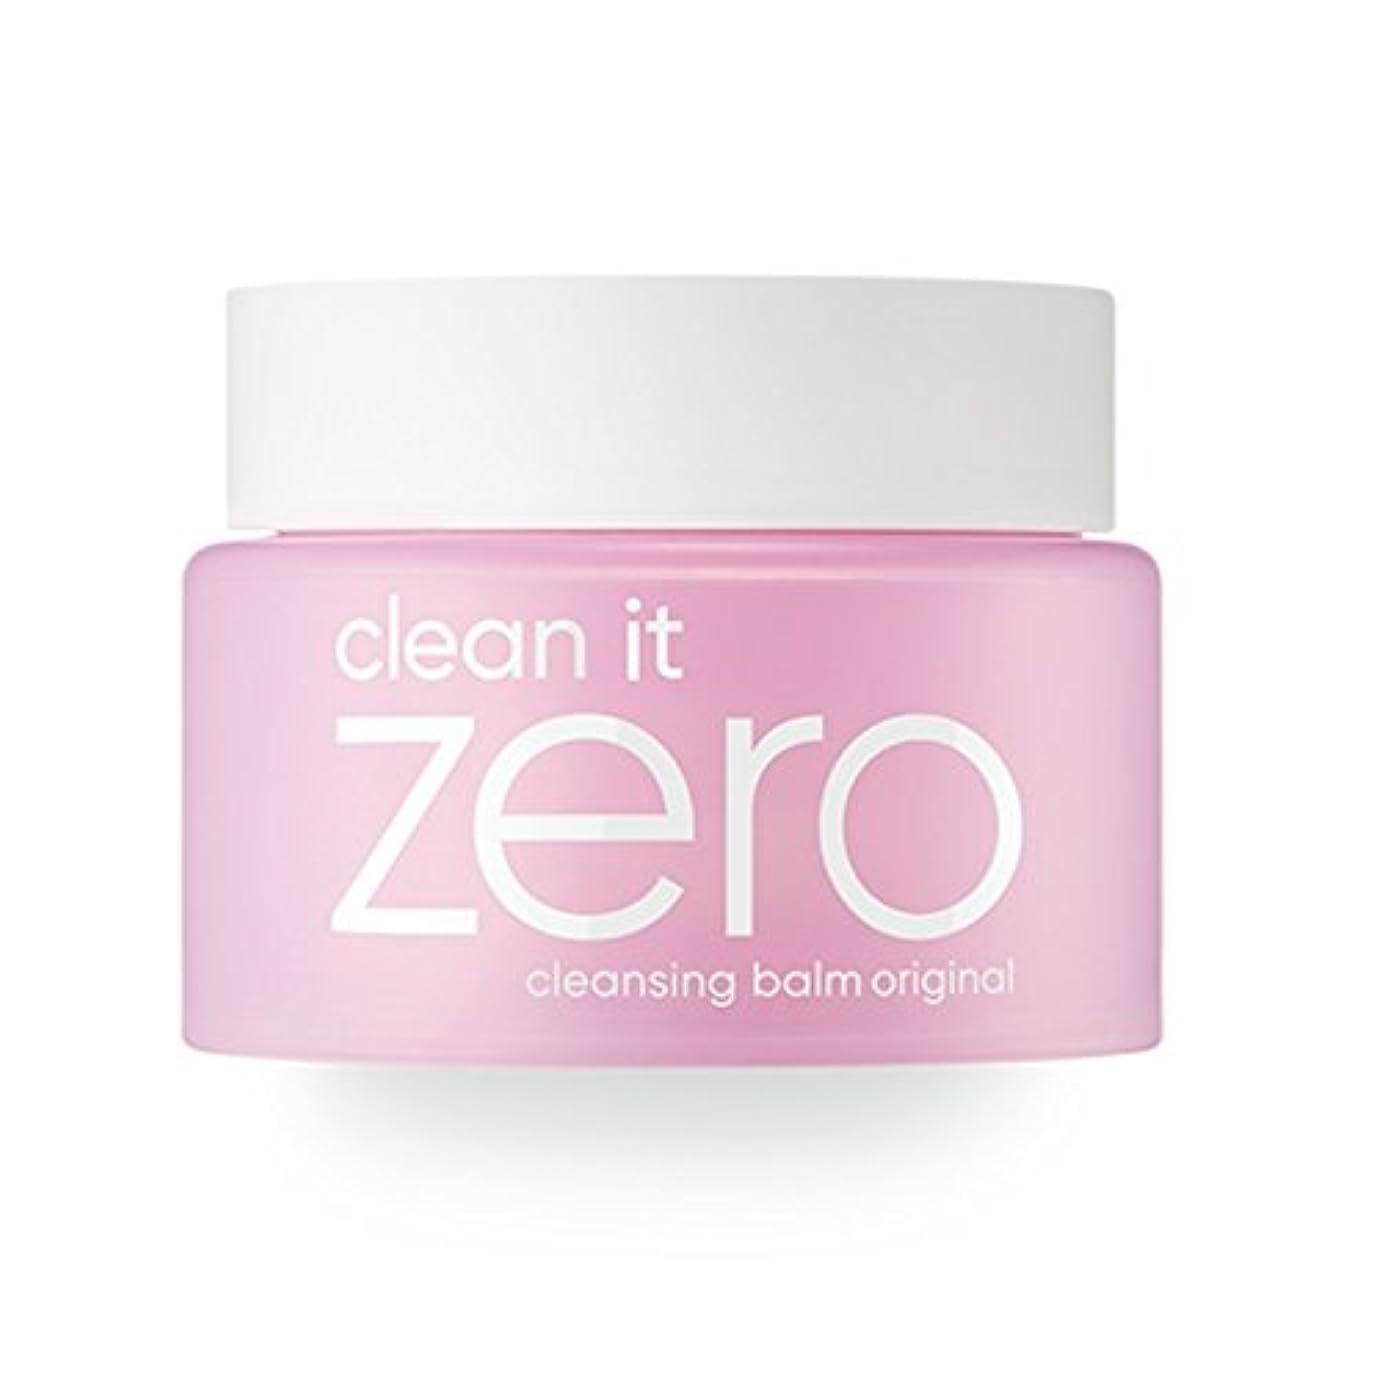 夢中在庫囲まれたBanila.co クリーン イット ゼロ クレンジングバーム オリジナル / Clean it Zero Cleansing Balm Original (100ml)